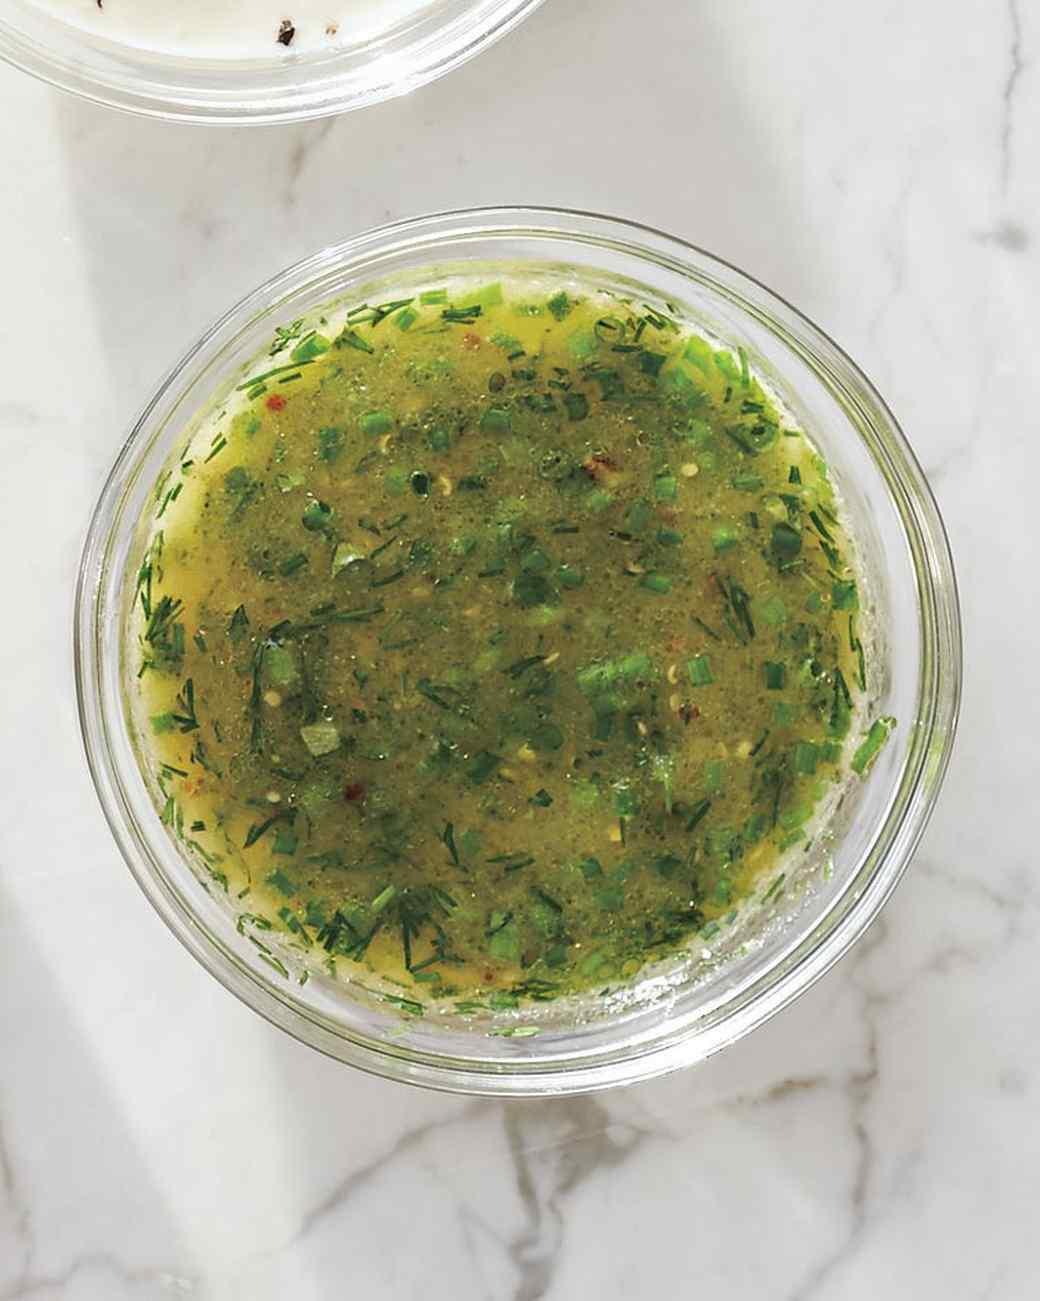 3-easy-salad-dressings-opener-1-119-d112770-0416-mustard-herb.jpg